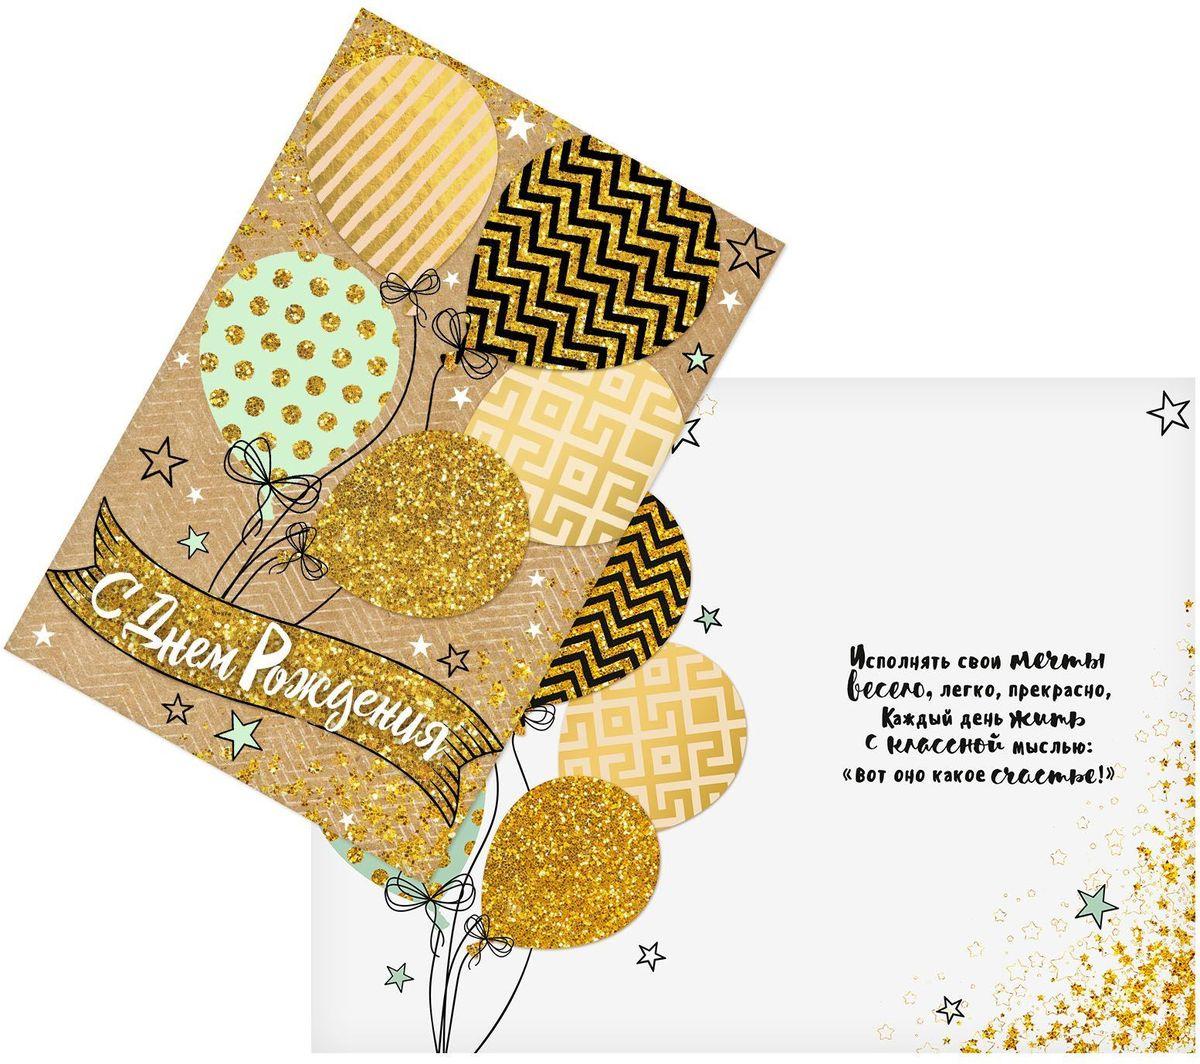 Открытка Дарите cчастье Золотые шары, 12 х 18 см1744794Атмосферу праздника создают детали: свечи, цветы, бокалы, воздушные шары и поздравительные открытки - яркие и весёлые, романтичные и нежные, милые и трогательные.Расскажите о своих чувствах дорогому для вас человеку, поделитесь радостью с близкими и друзьями. Открытка с креативным дизайном вам в этом поможет.